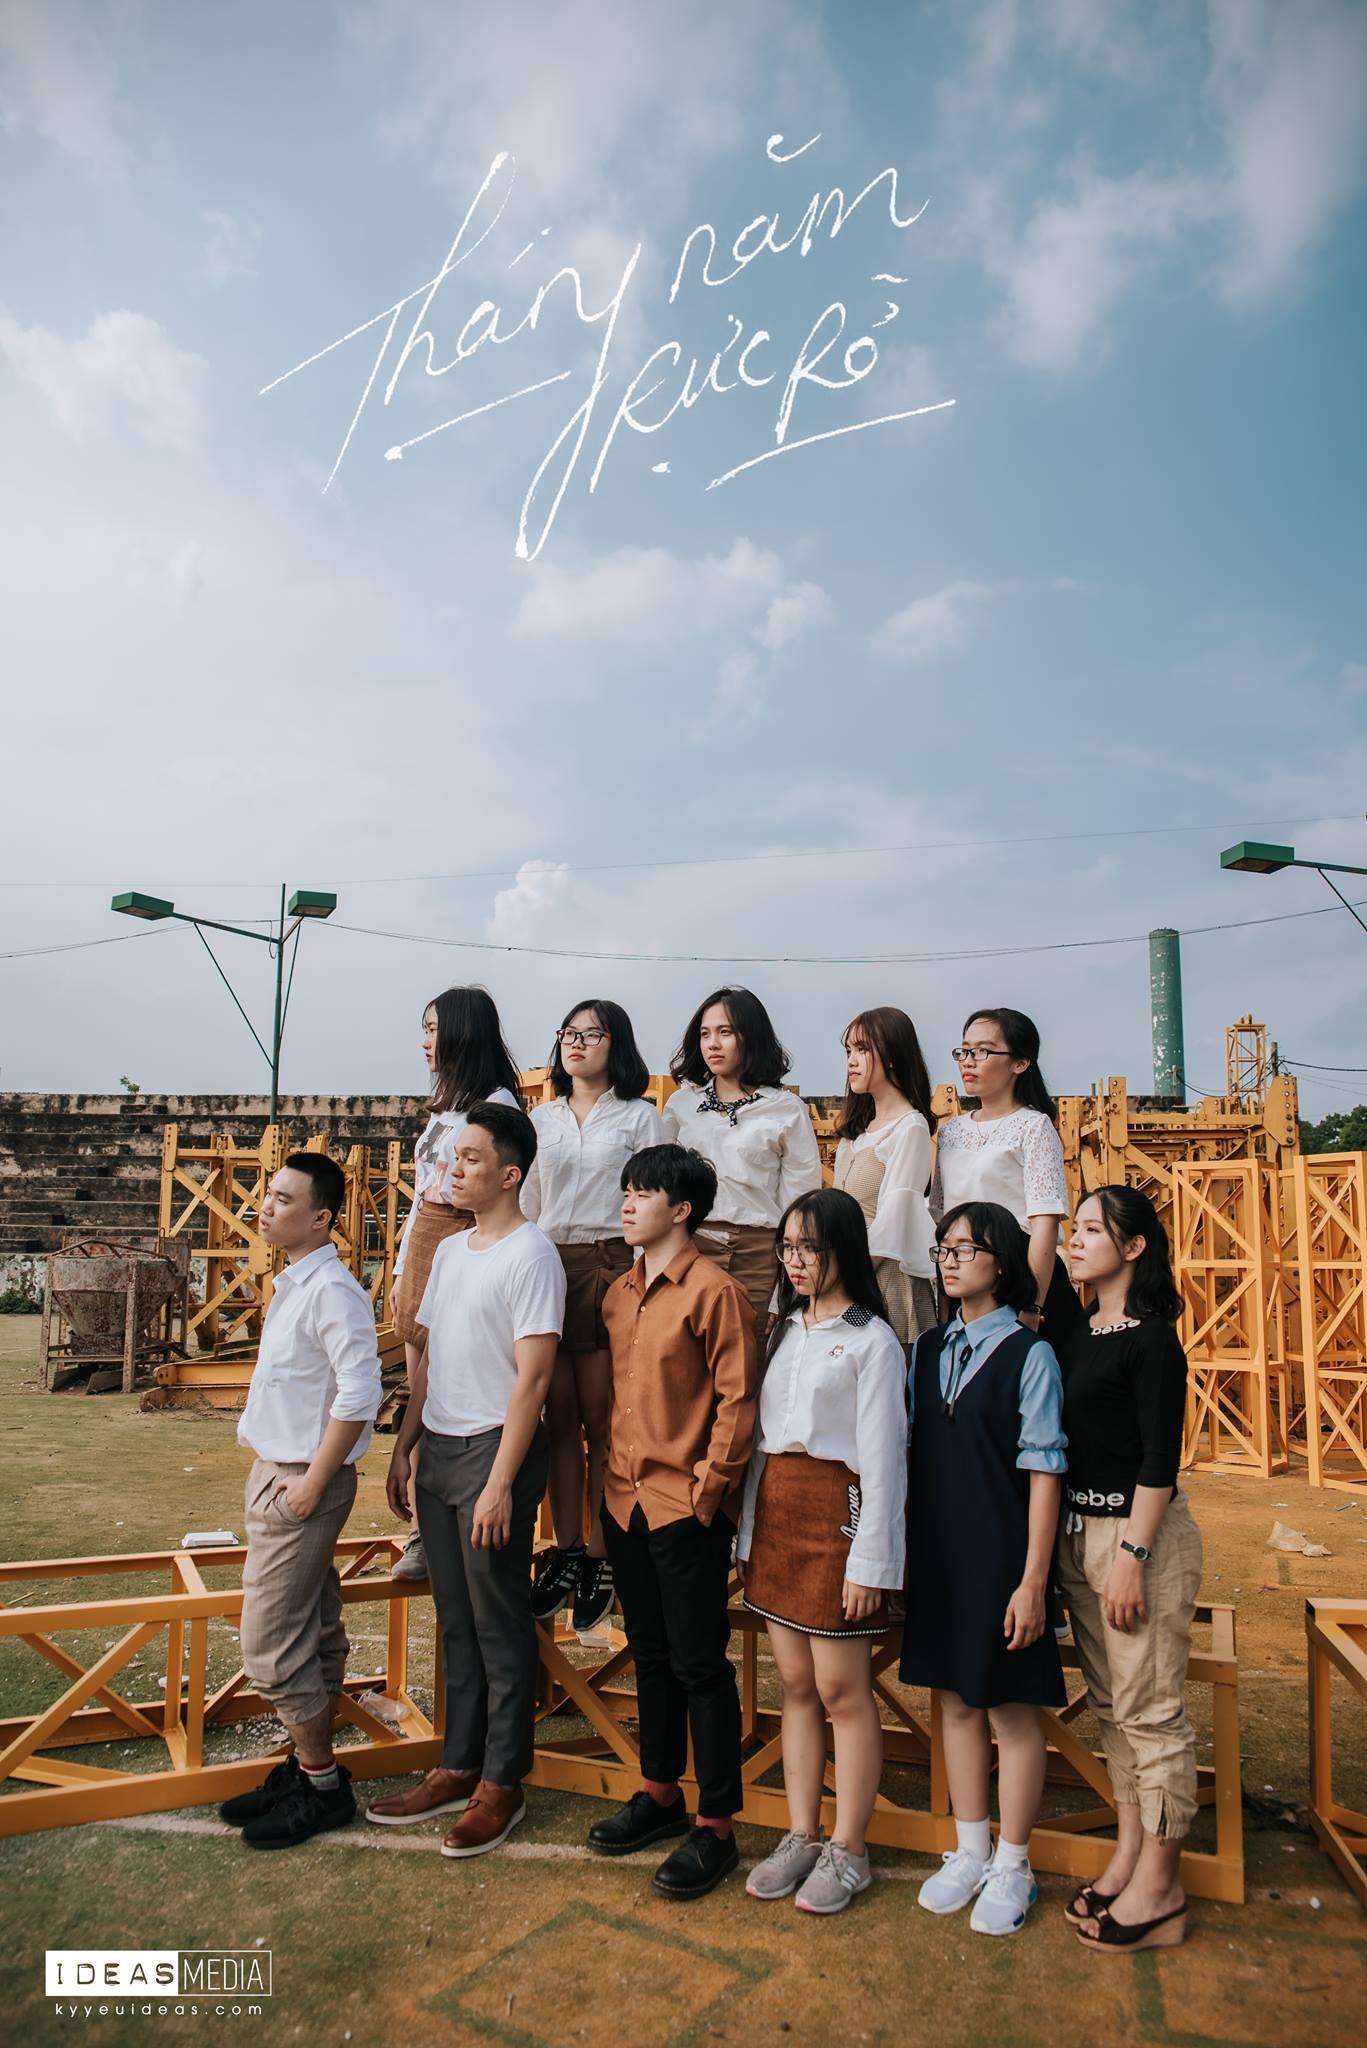 HS trường Trưng Vương Sài Gòn chụp ảnh kỷ yếu theo phong cách Phía trước là bầu trời - Ảnh 10.